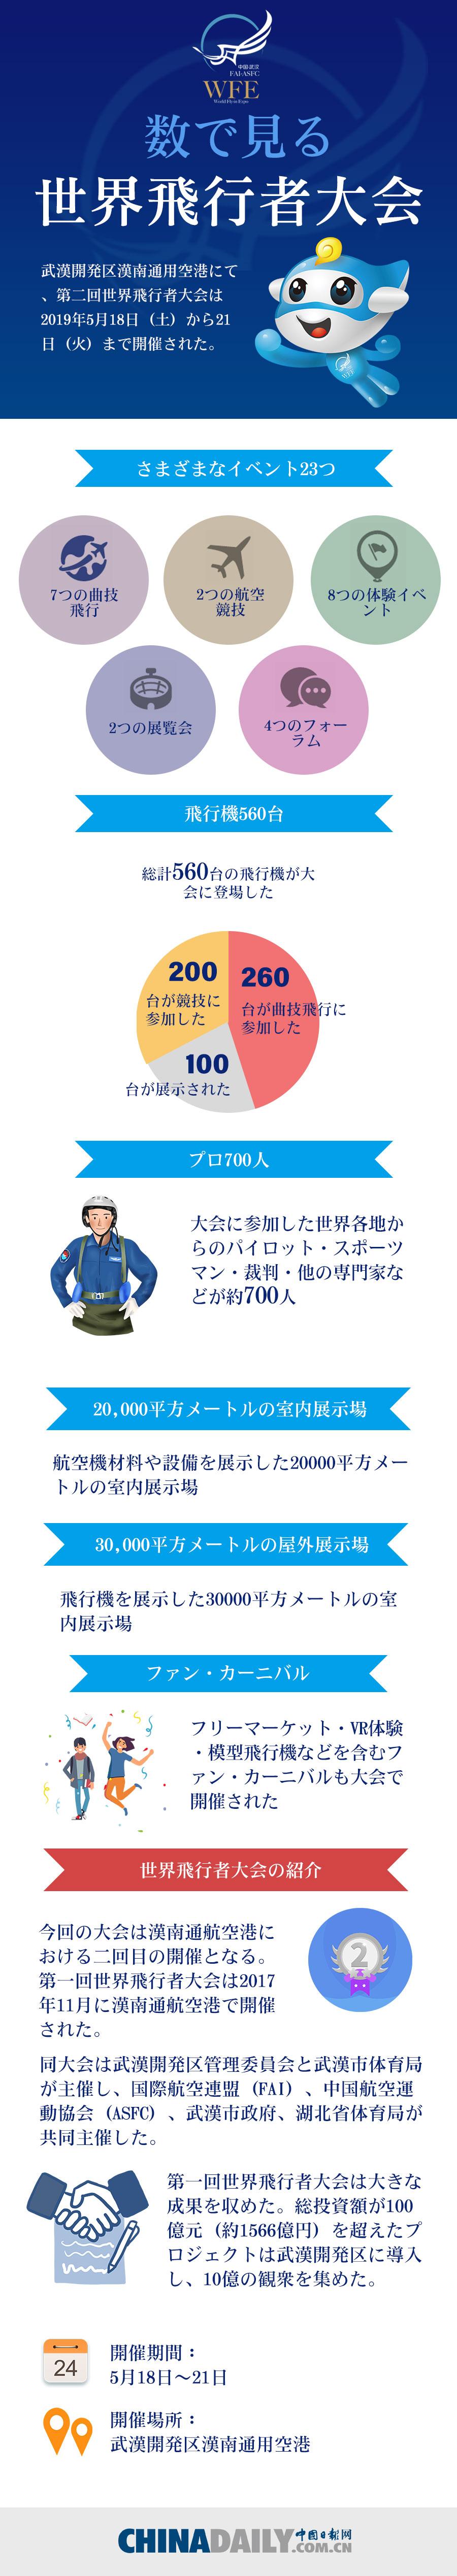 日语图表.jpg